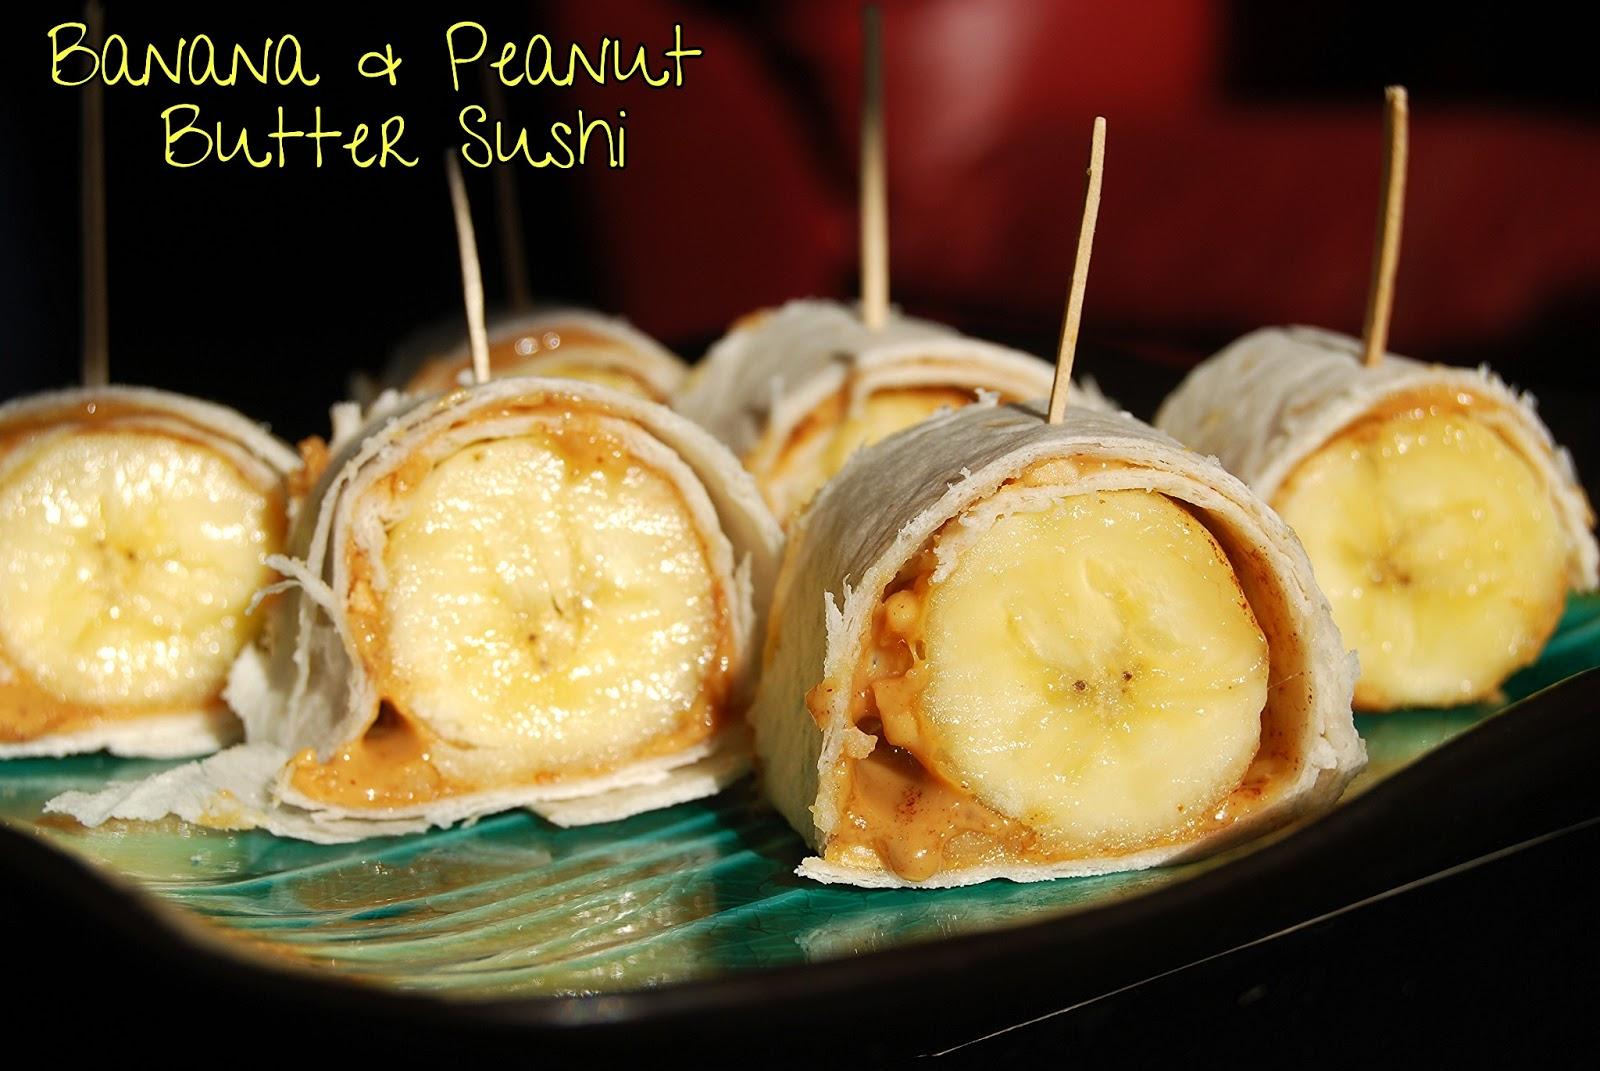 Banana & Peanut Butter Sushi